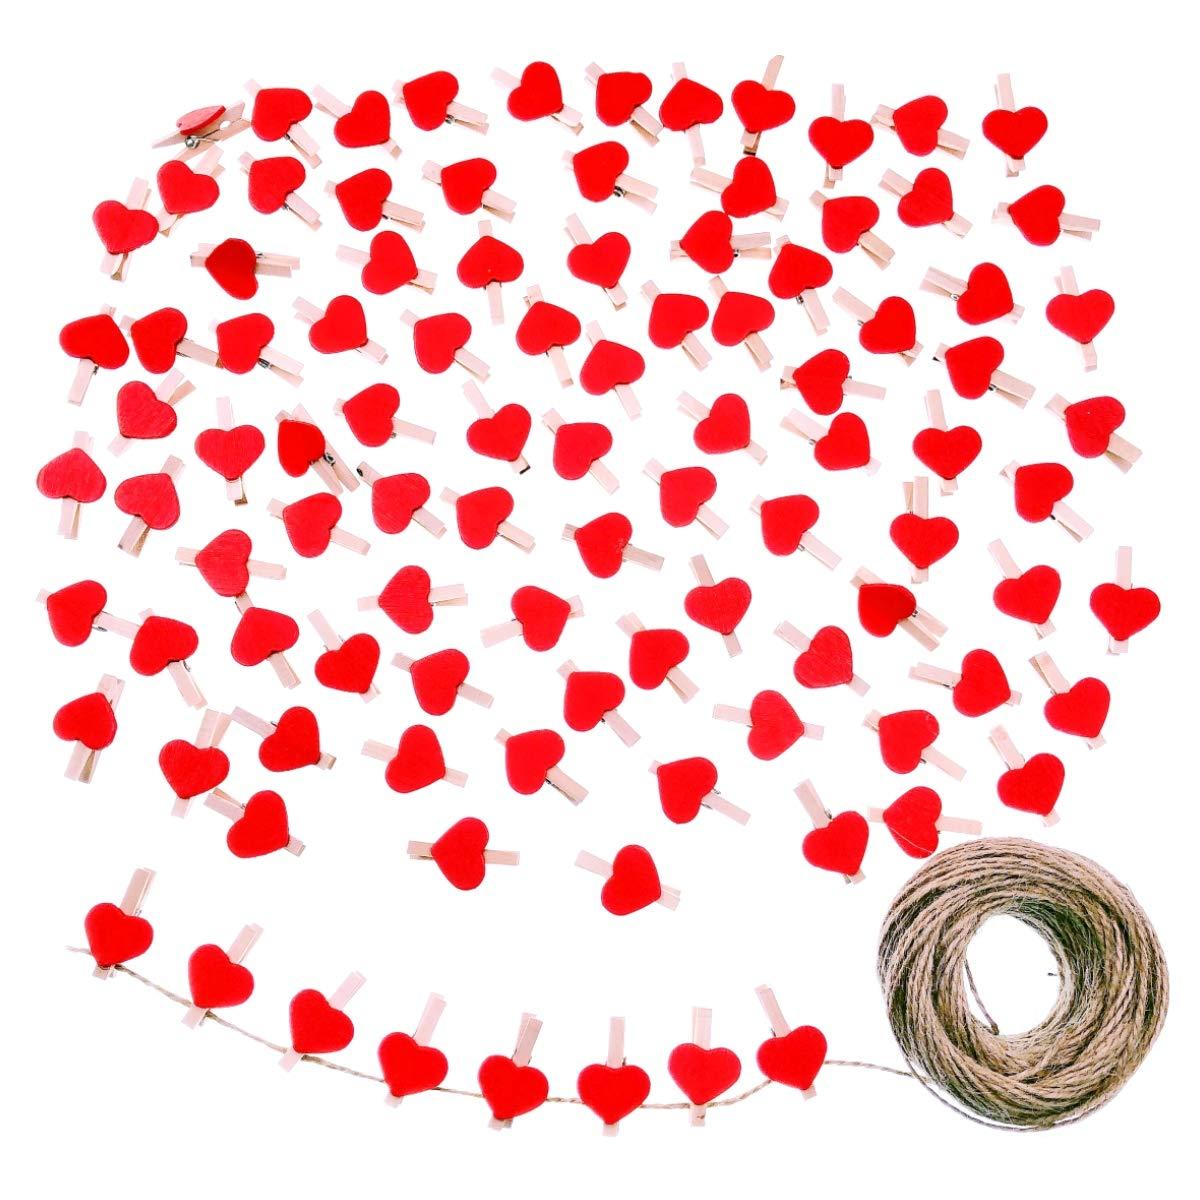 JZK 100 X Mini Pinzas de Foto de Madera Clips Corazon Rojo y 30m Cordel de Yute para Fiesta de Bodas Foto Titular de Tarjeta de decoraci/ón y Bricolaje Artesanal